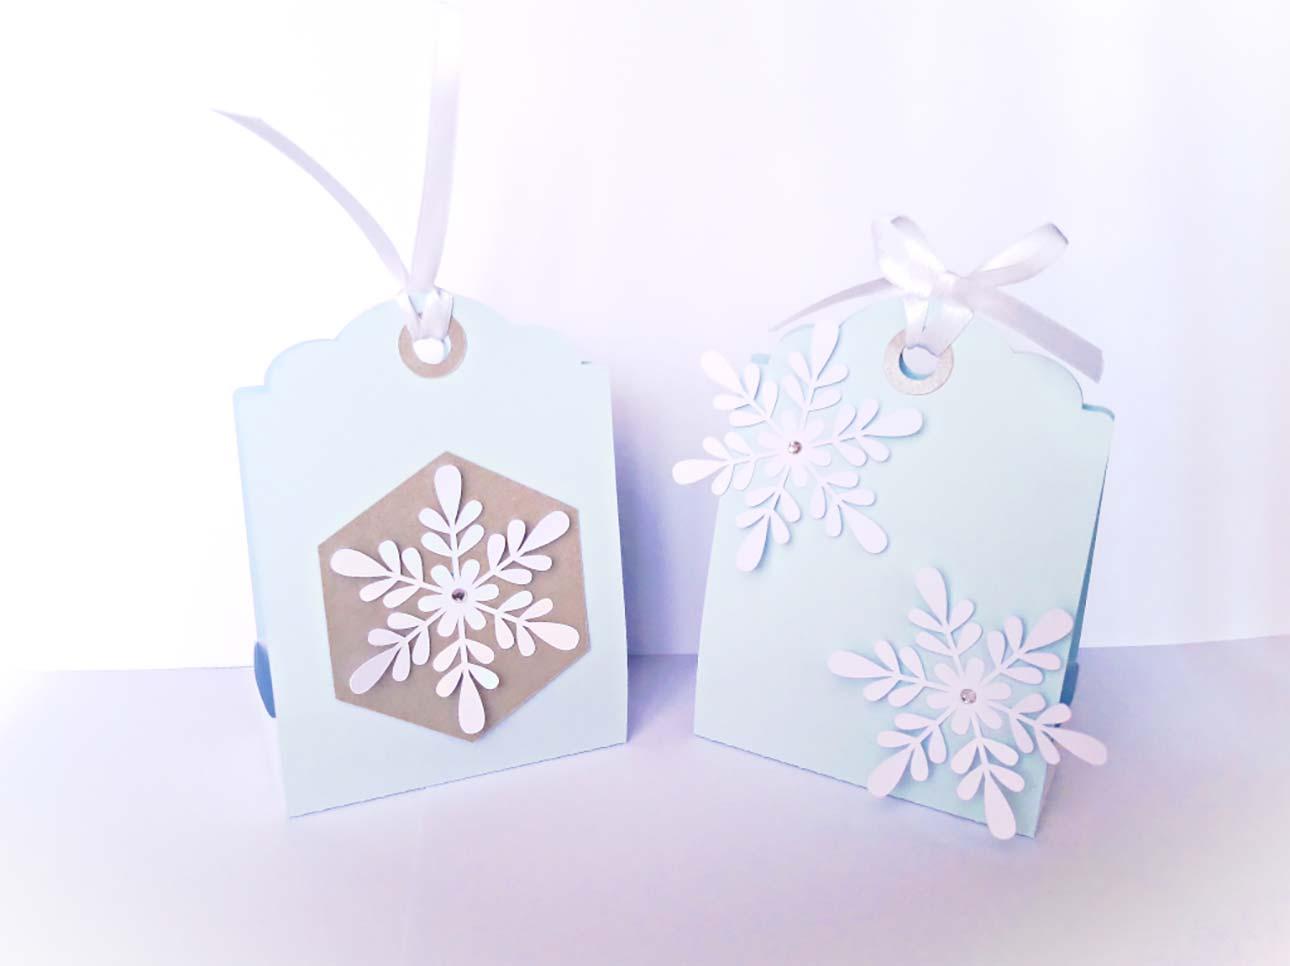 bomboniere prima comunione fatte a mano scatolina fiocco neve